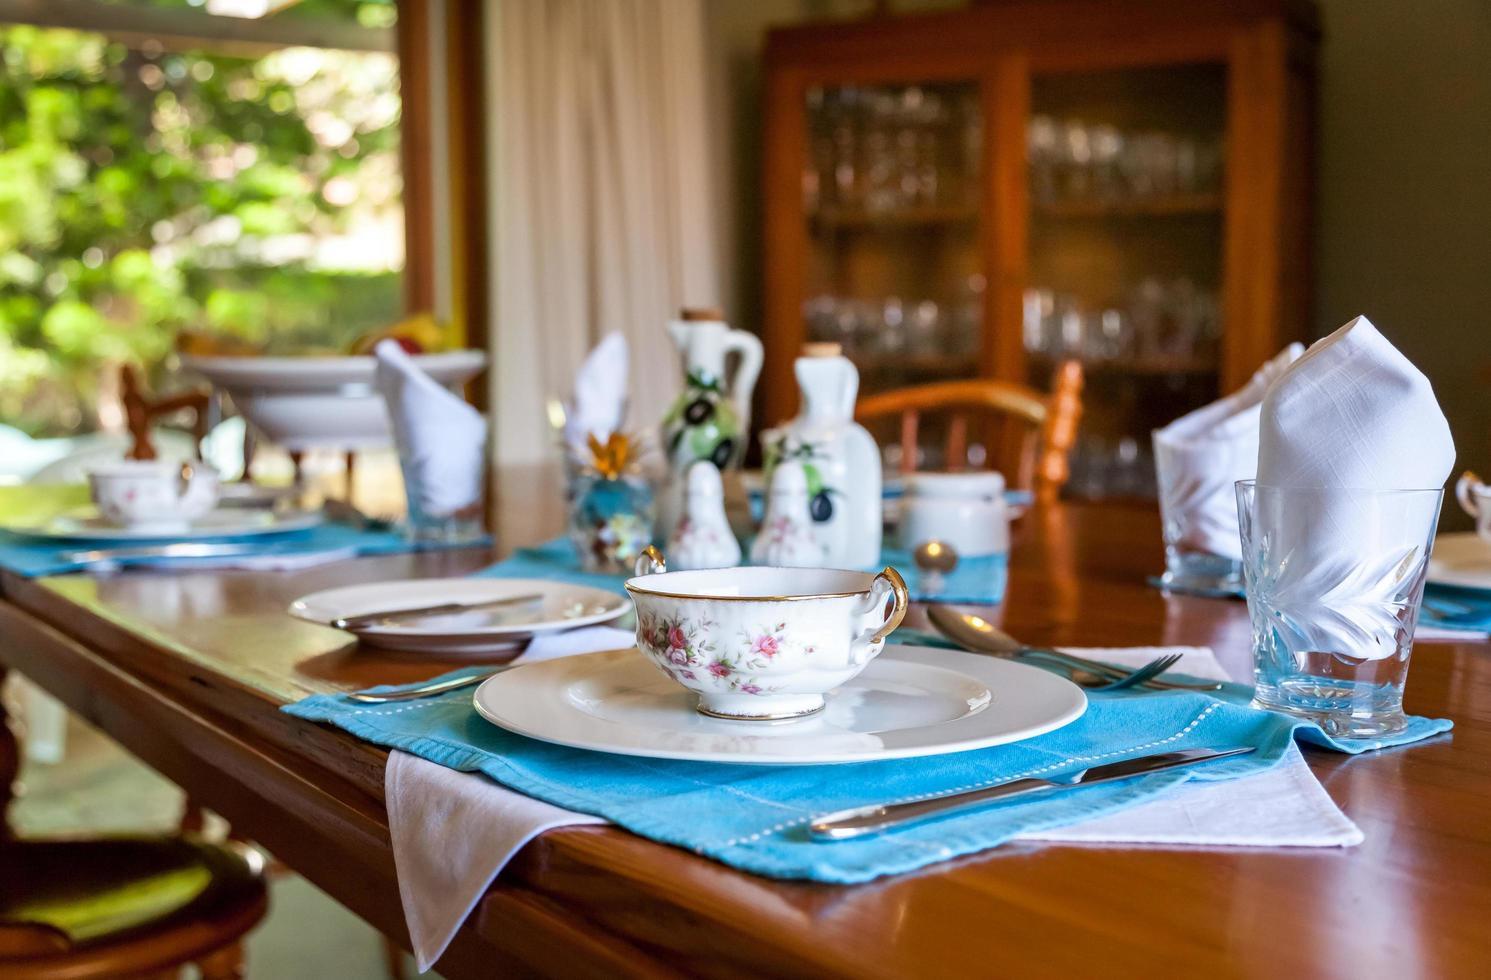 Tischdekoration mit feinem Porzellan foto